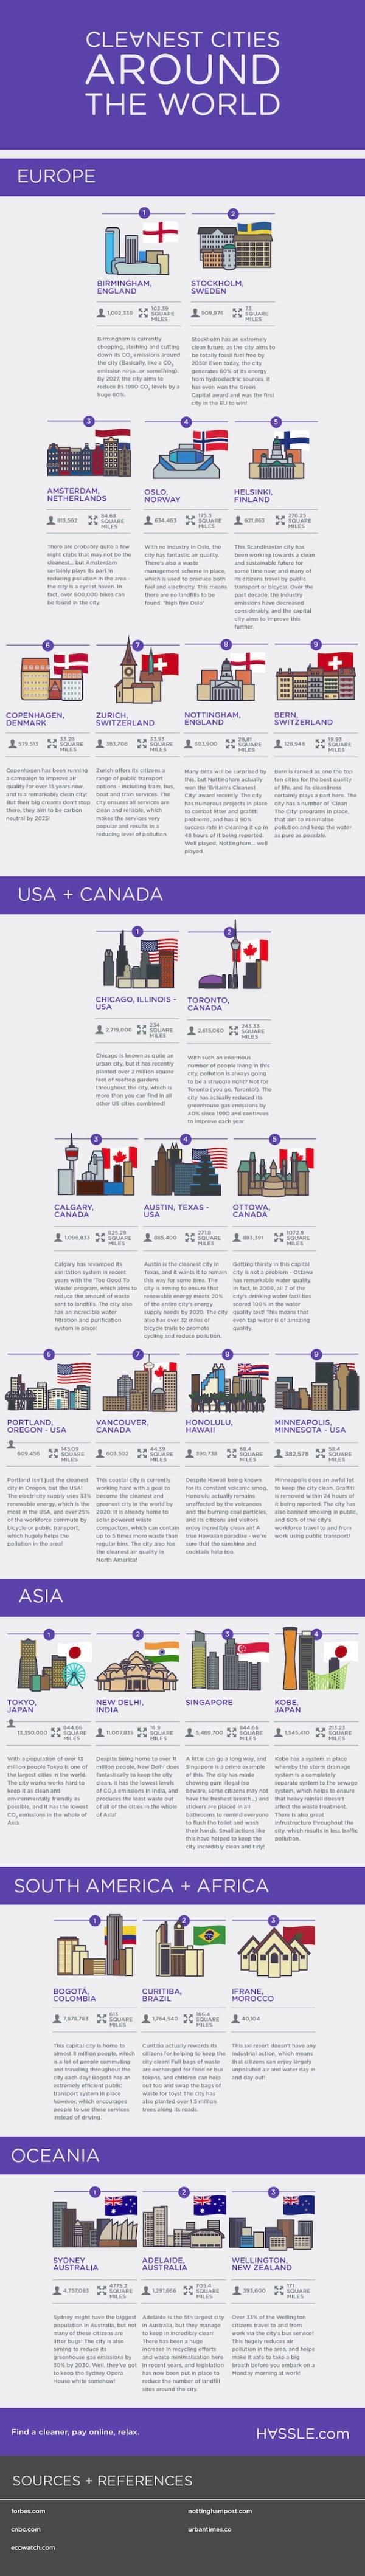 las-28-ciudades-mas-limpias-del-mundo-titulo